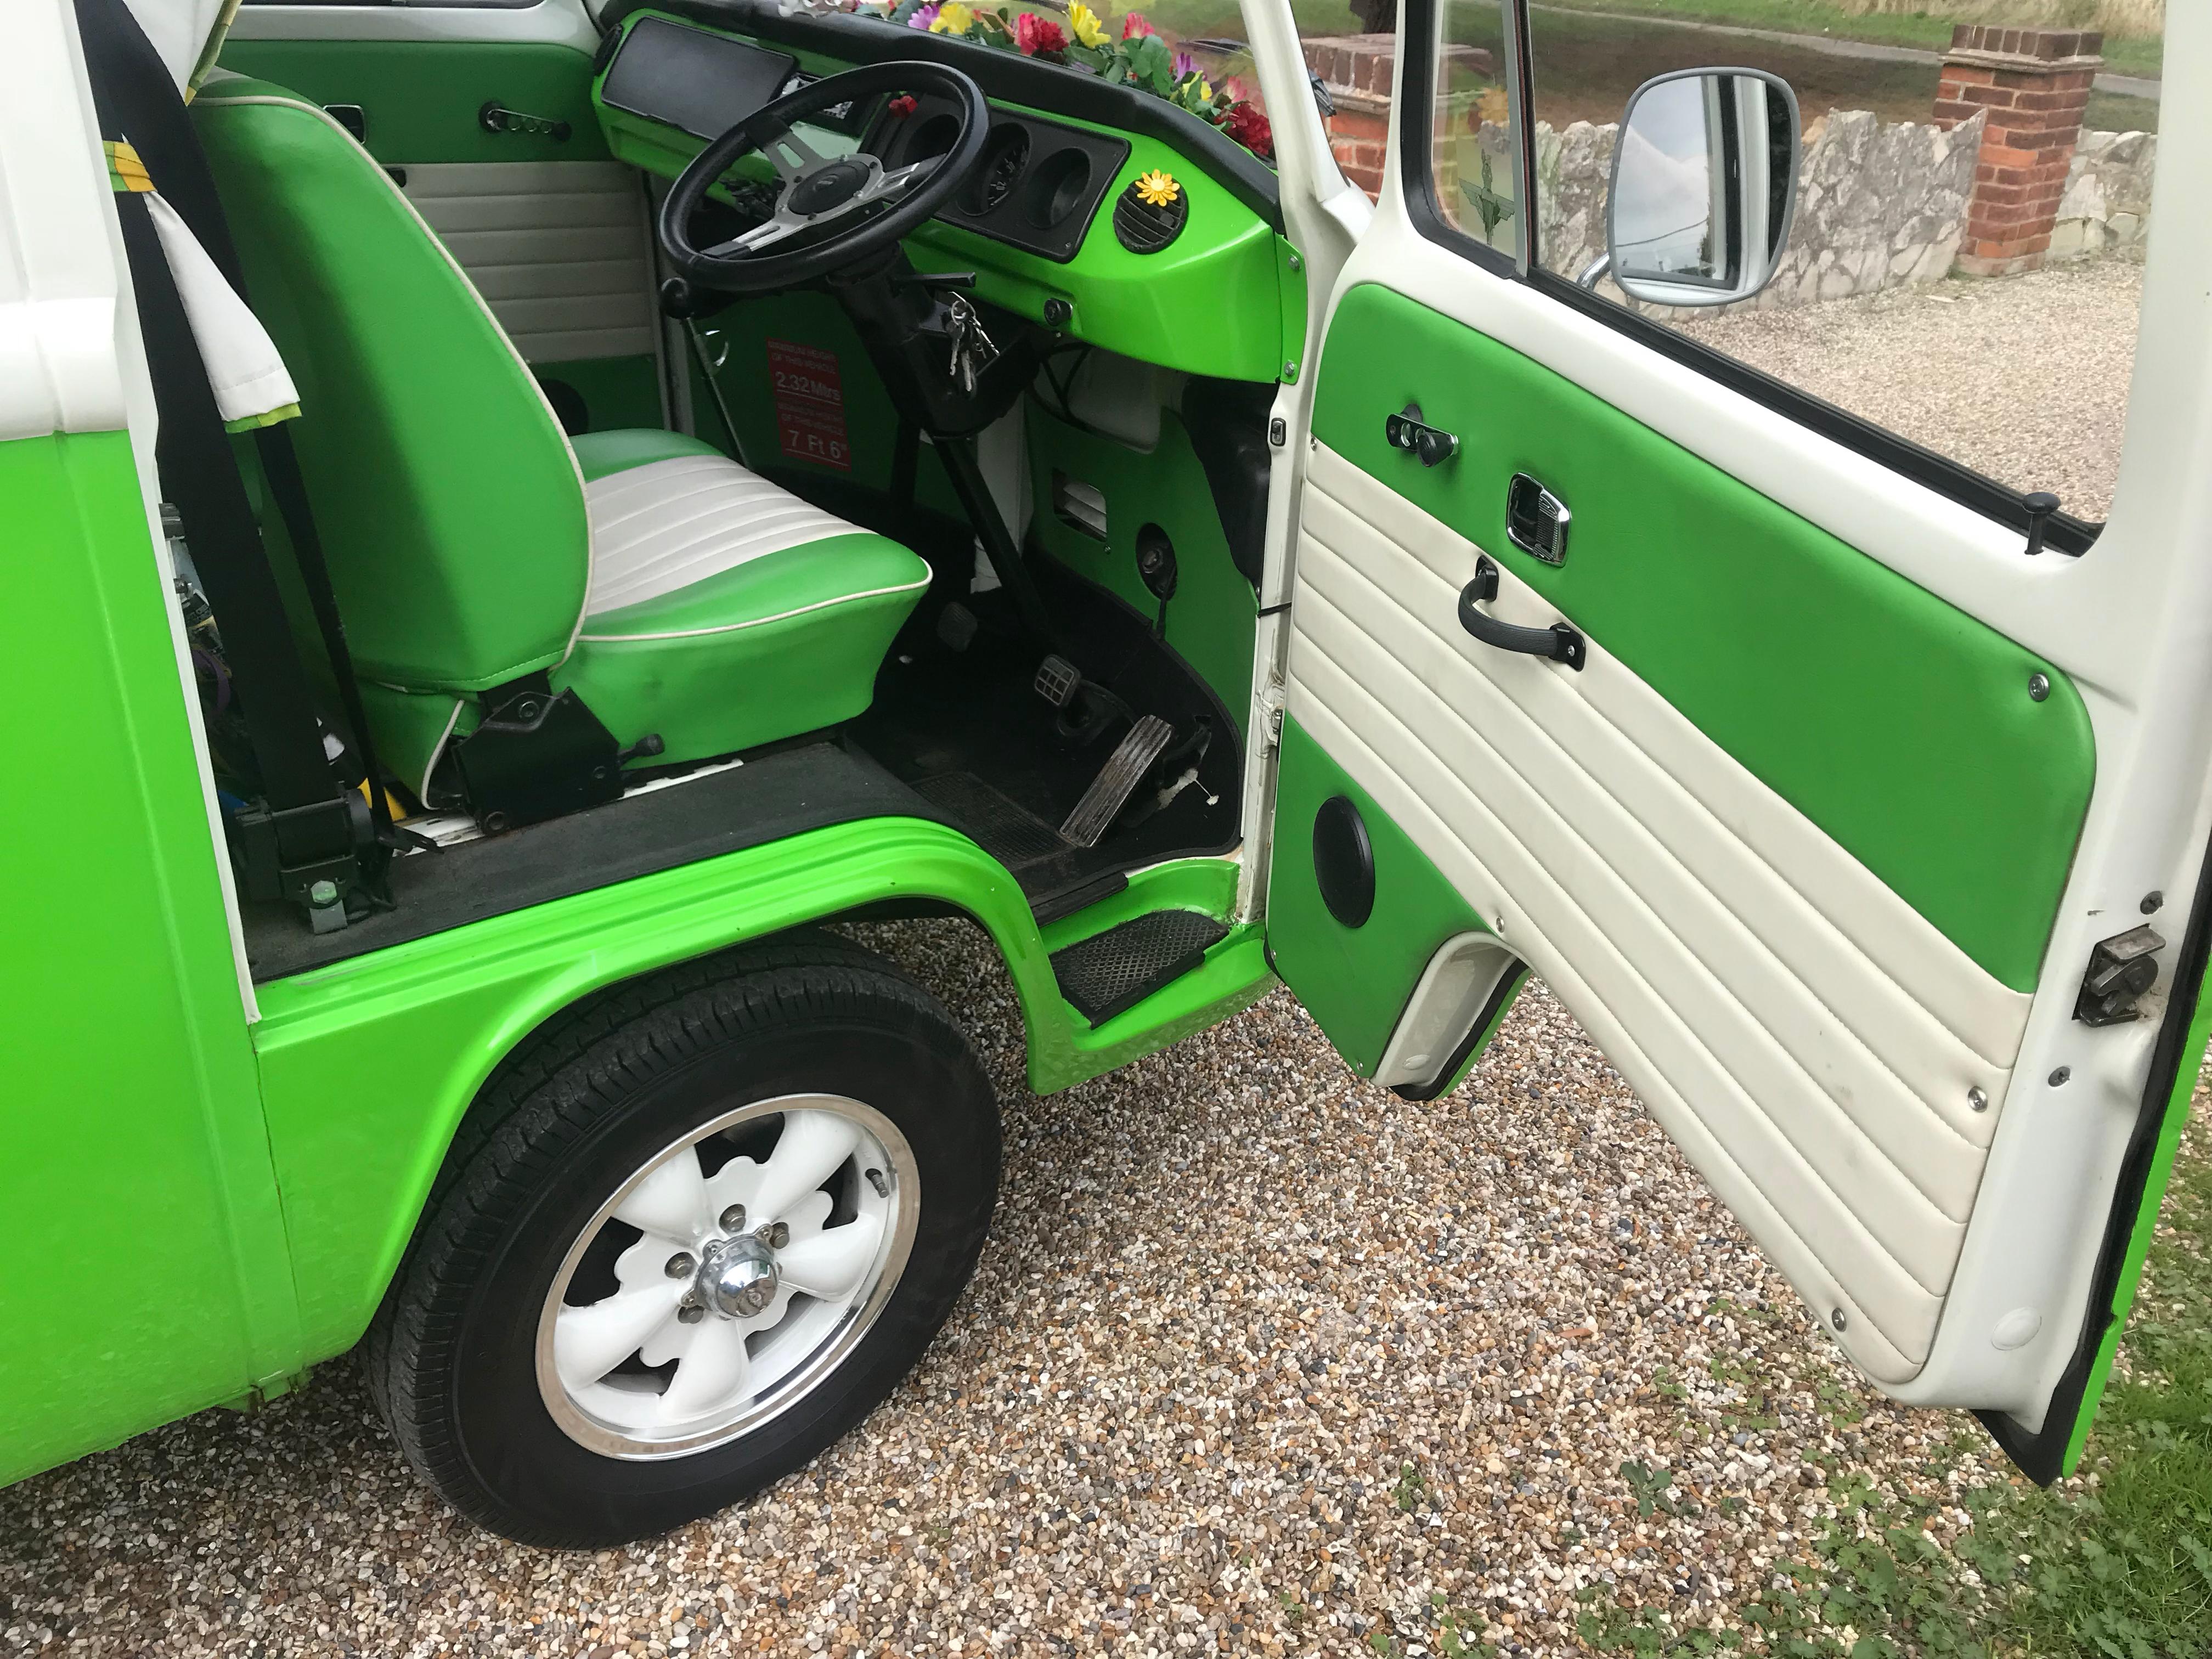 volkswagen-campers-for-sale-in-essex